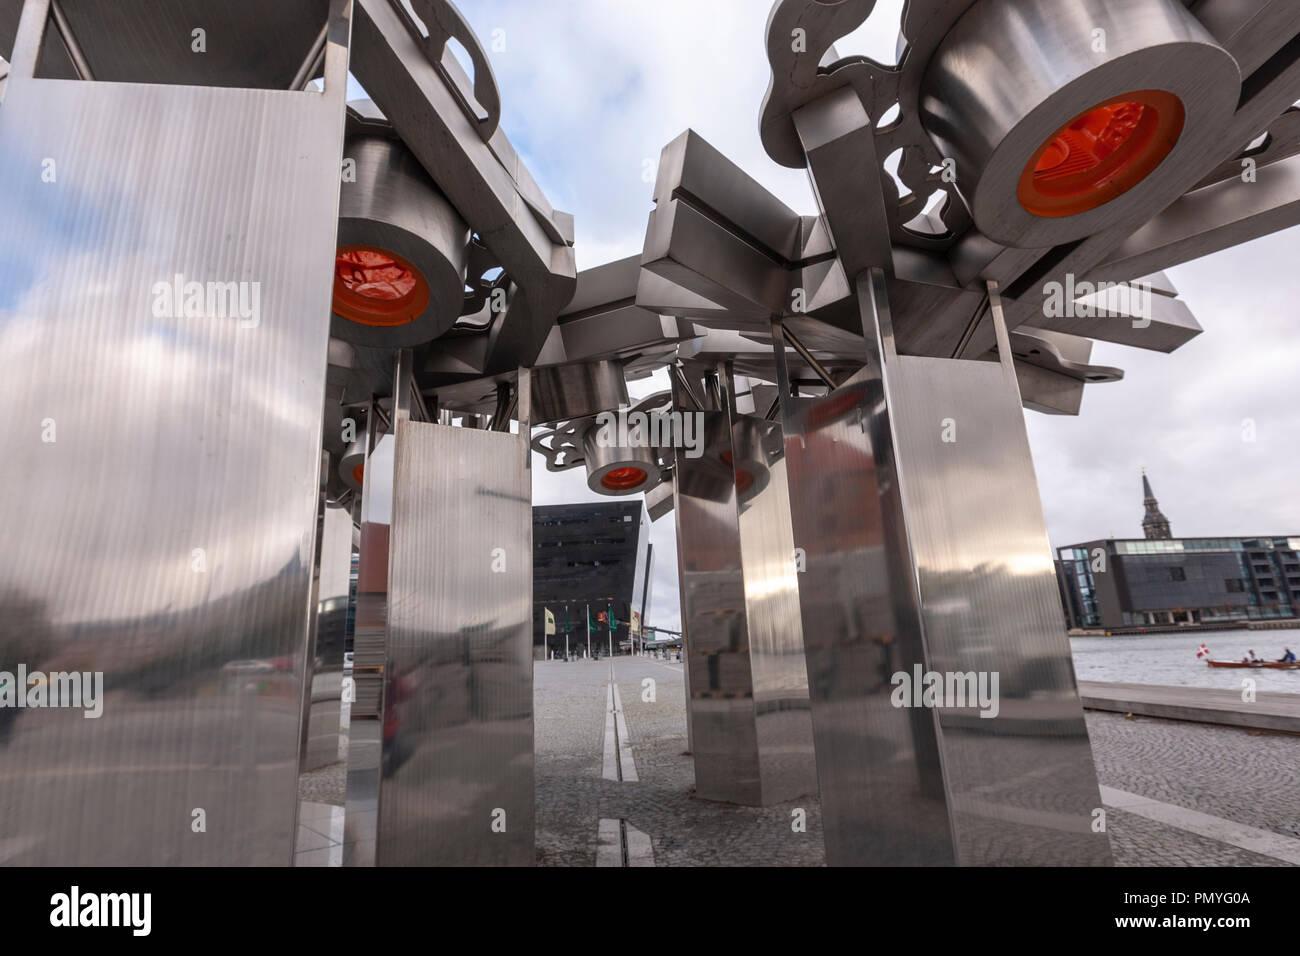 City Fractal sculpture by Elisabeth Toubro in Søren Kierkegaards Plads, Copenhagen, Denmark - Stock Image